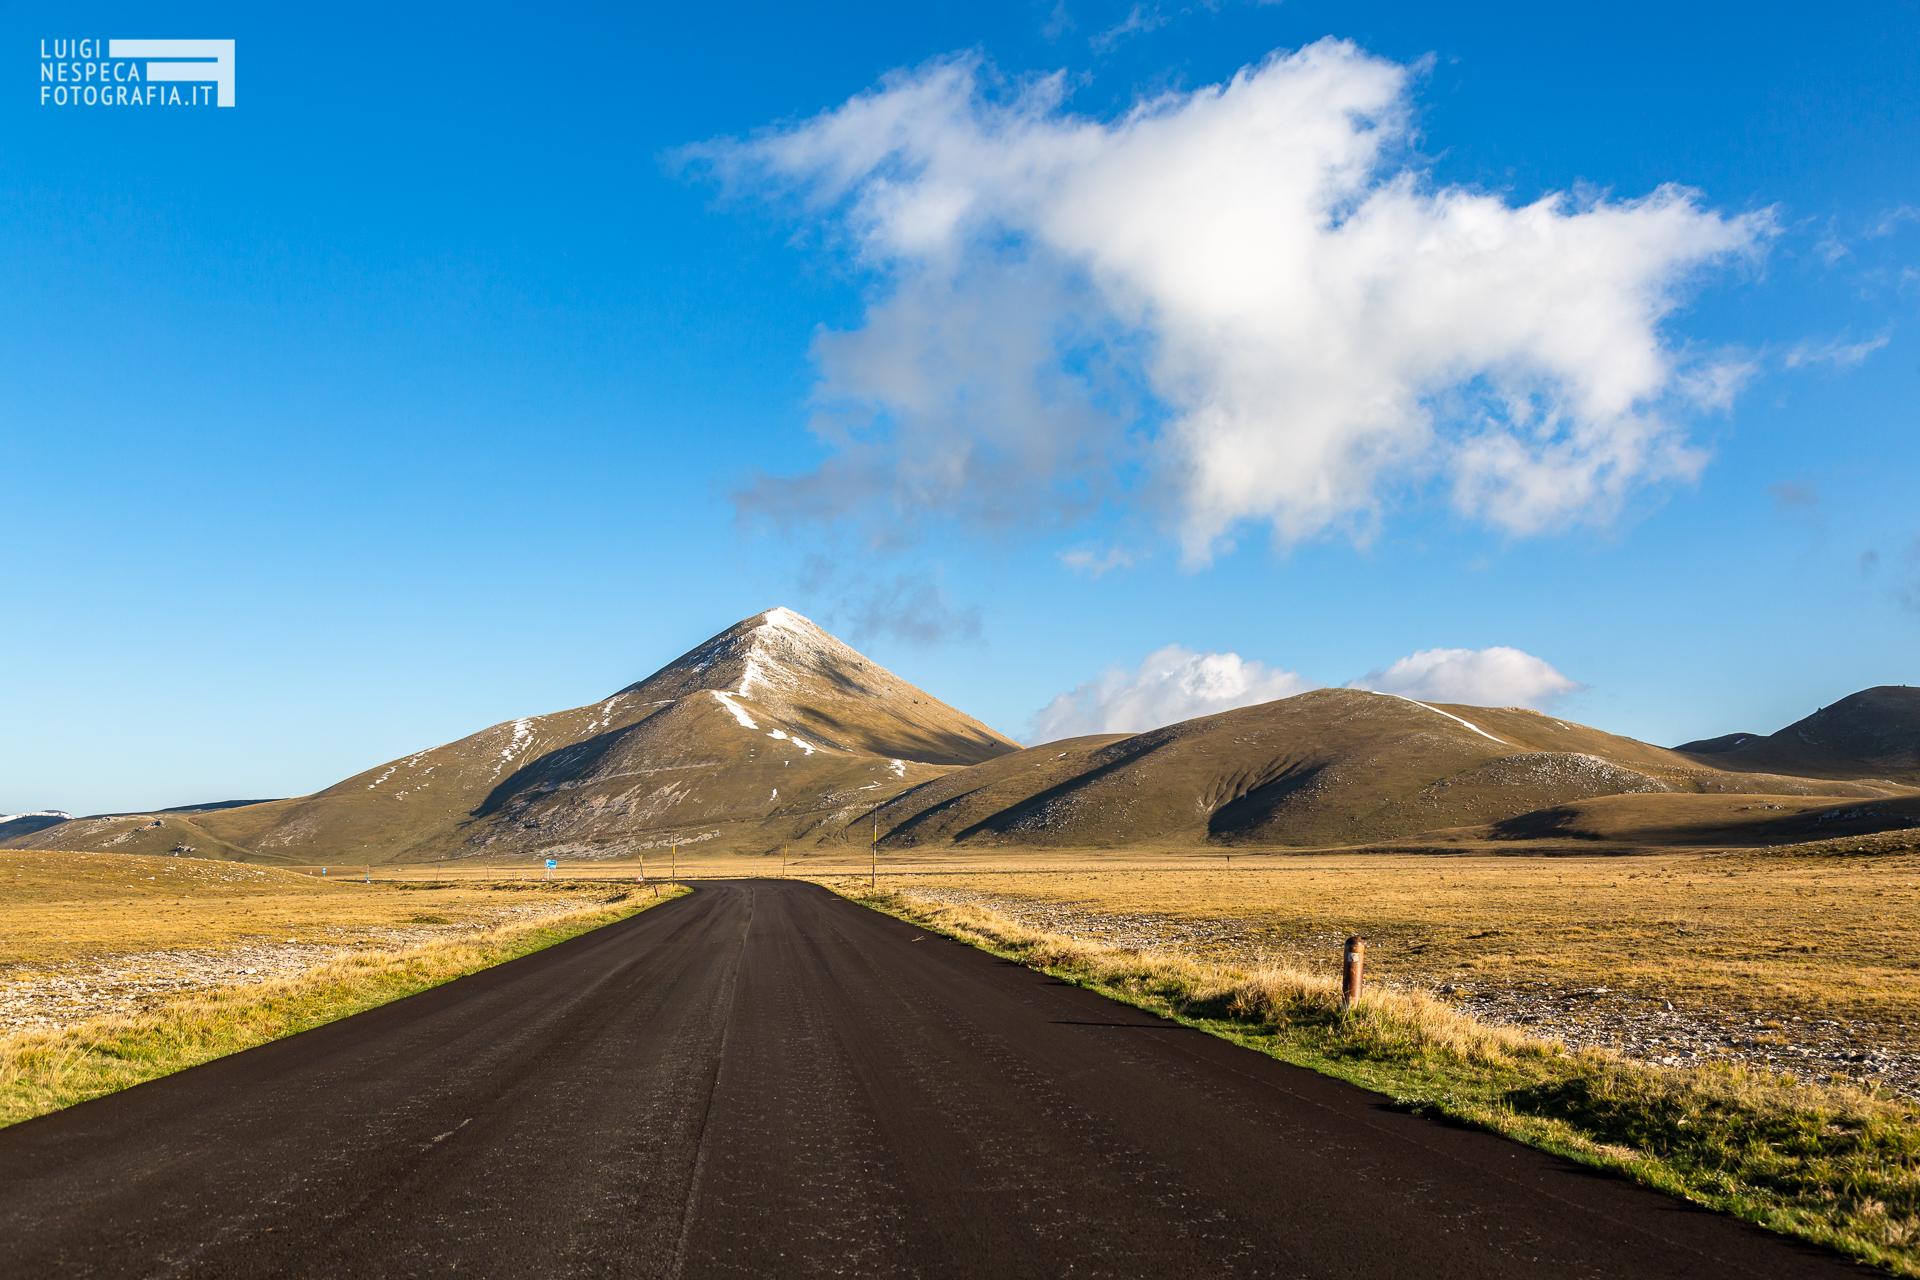 Monte Bolza - Campo Imperatore - Parco nazionale del Gran Sasso